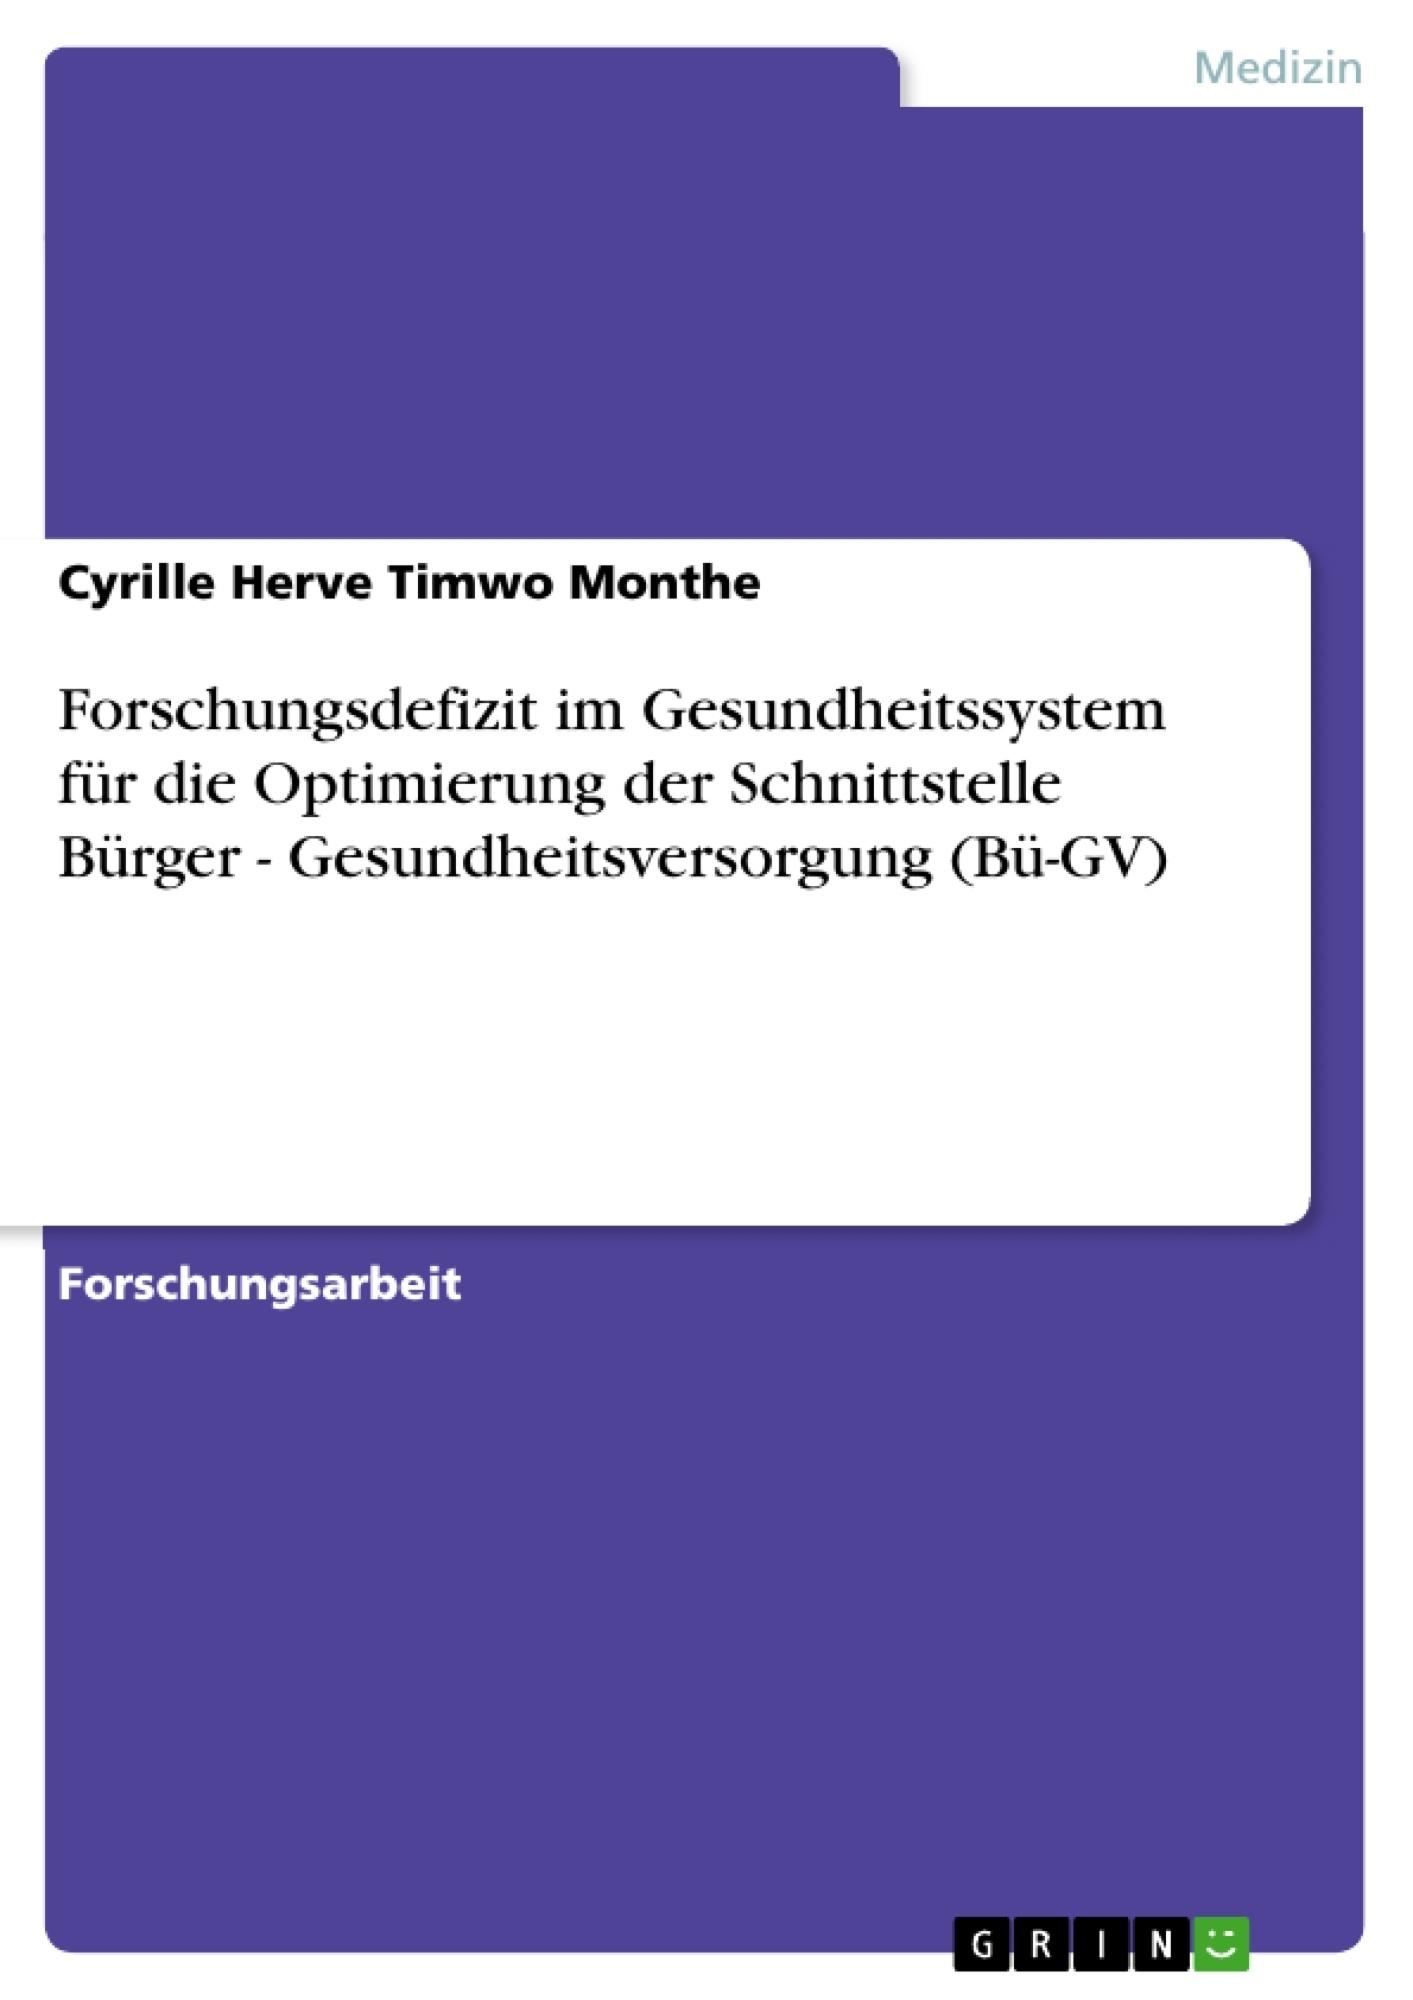 Titel: Forschungsdefizit im Gesundheitssystem für die Optimierung der Schnittstelle  Bürger - Gesundheitsversorgung (Bü-GV)